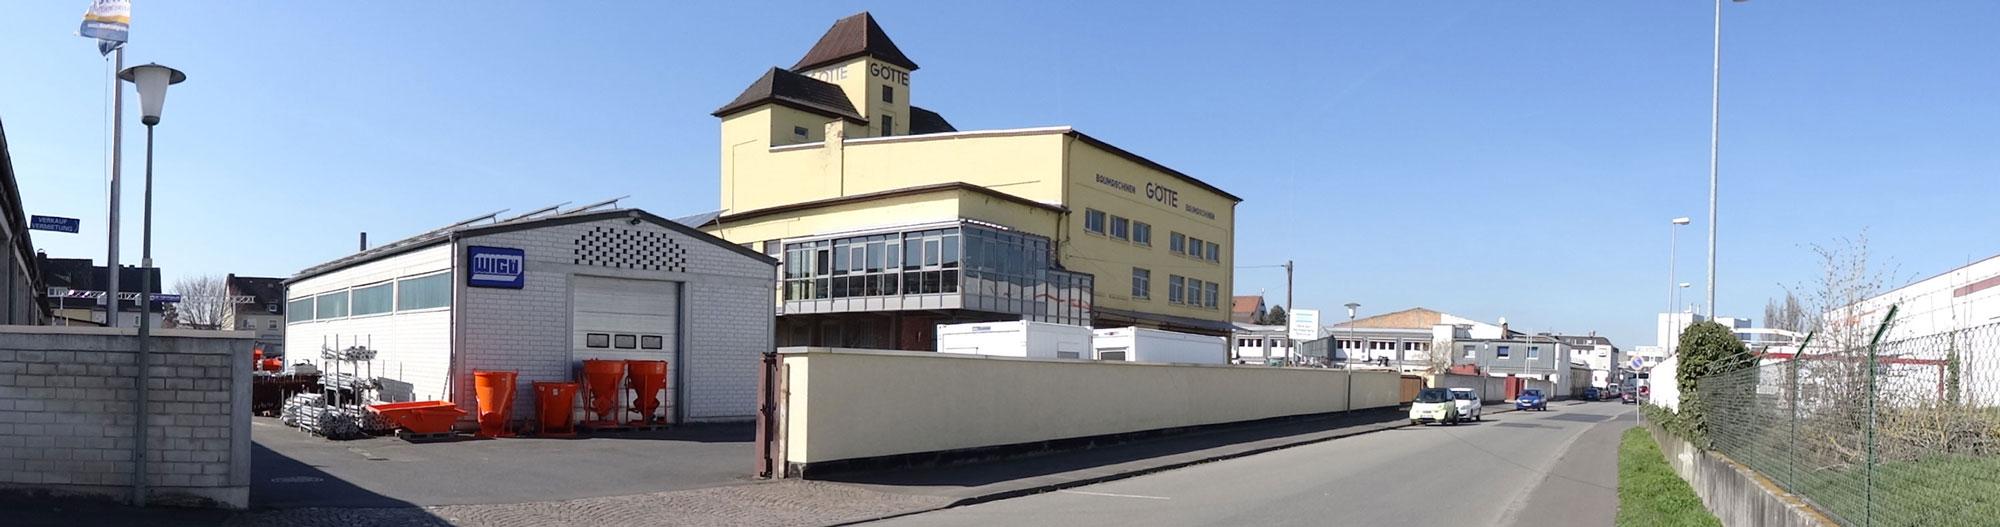 Firma Götte in Kassel | Baumaschinen Baugeräte Verkauf + Vermietung